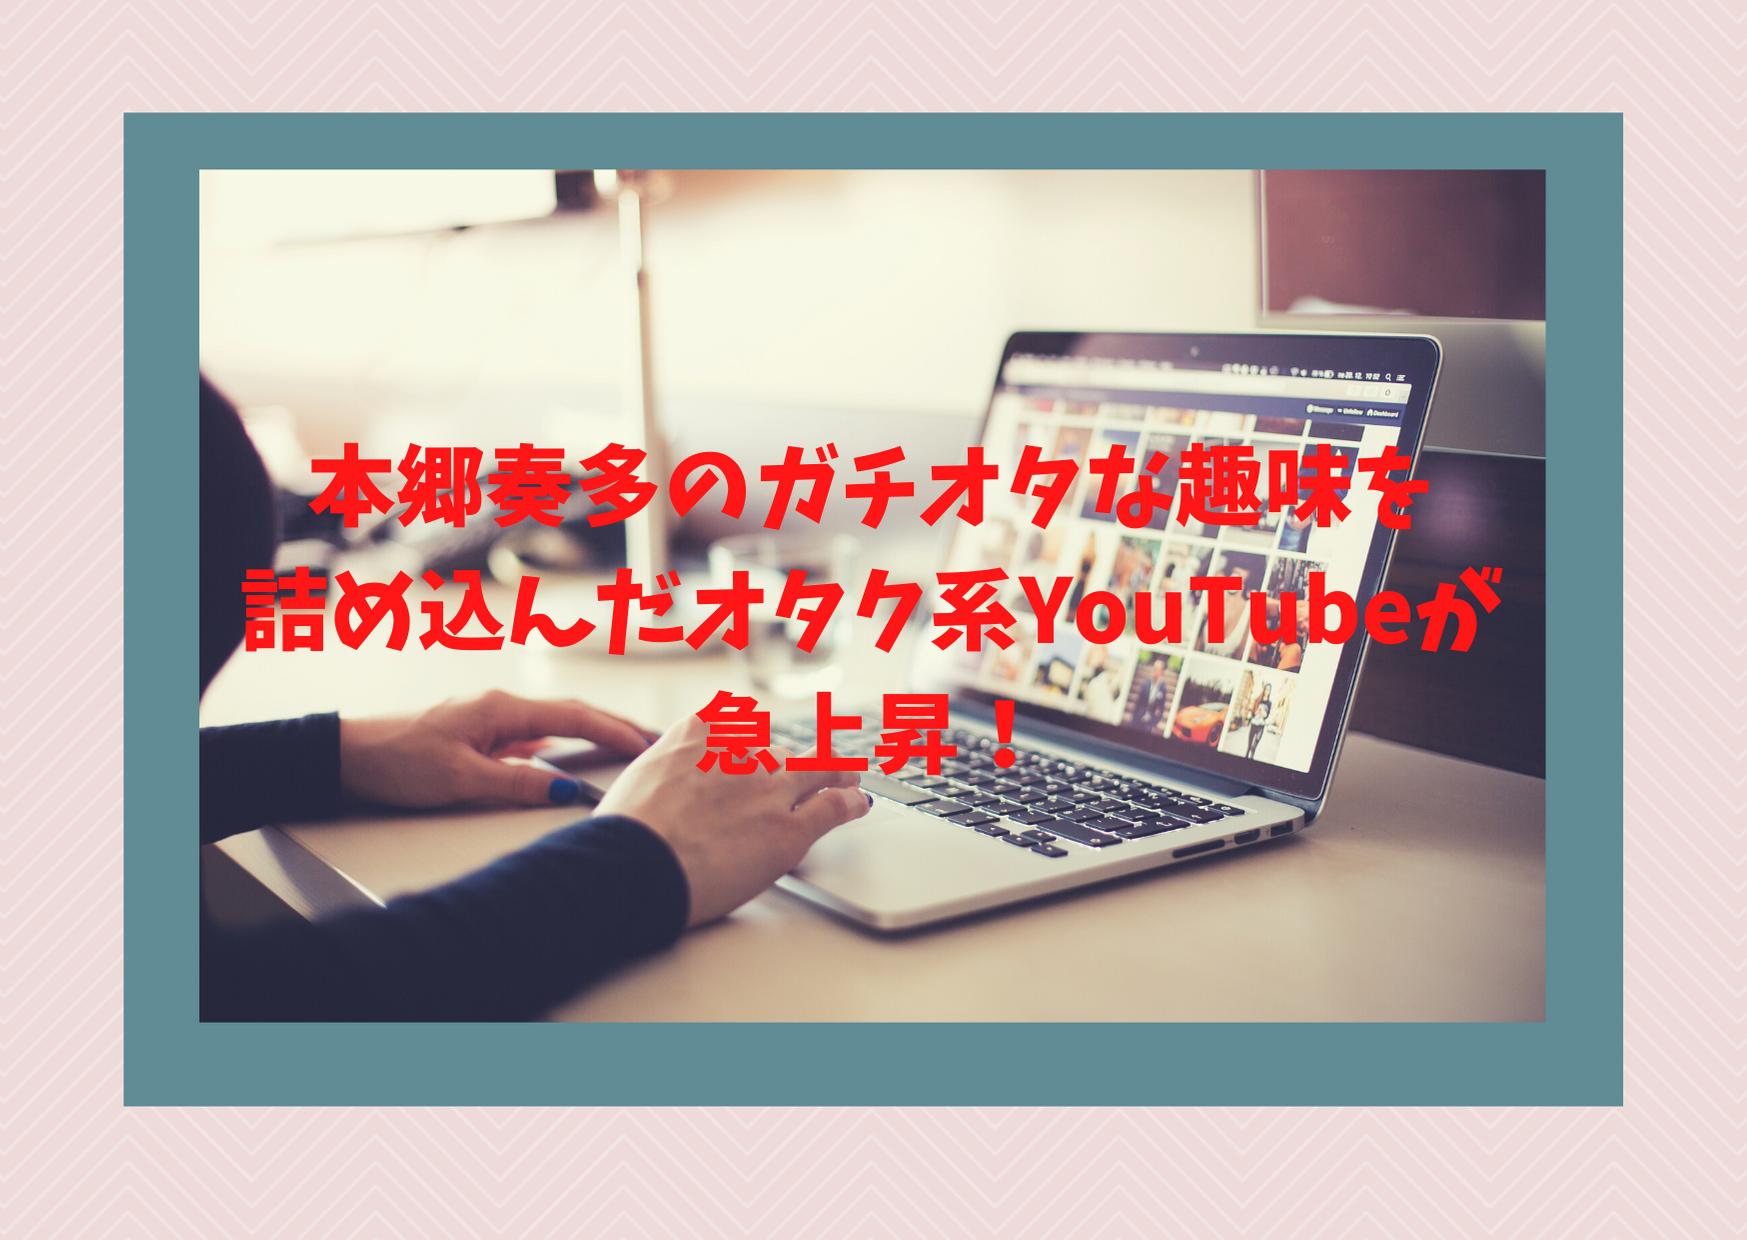 本郷奏多のガチオタな趣味を詰め込んだオタク系YouTubeが急上昇!